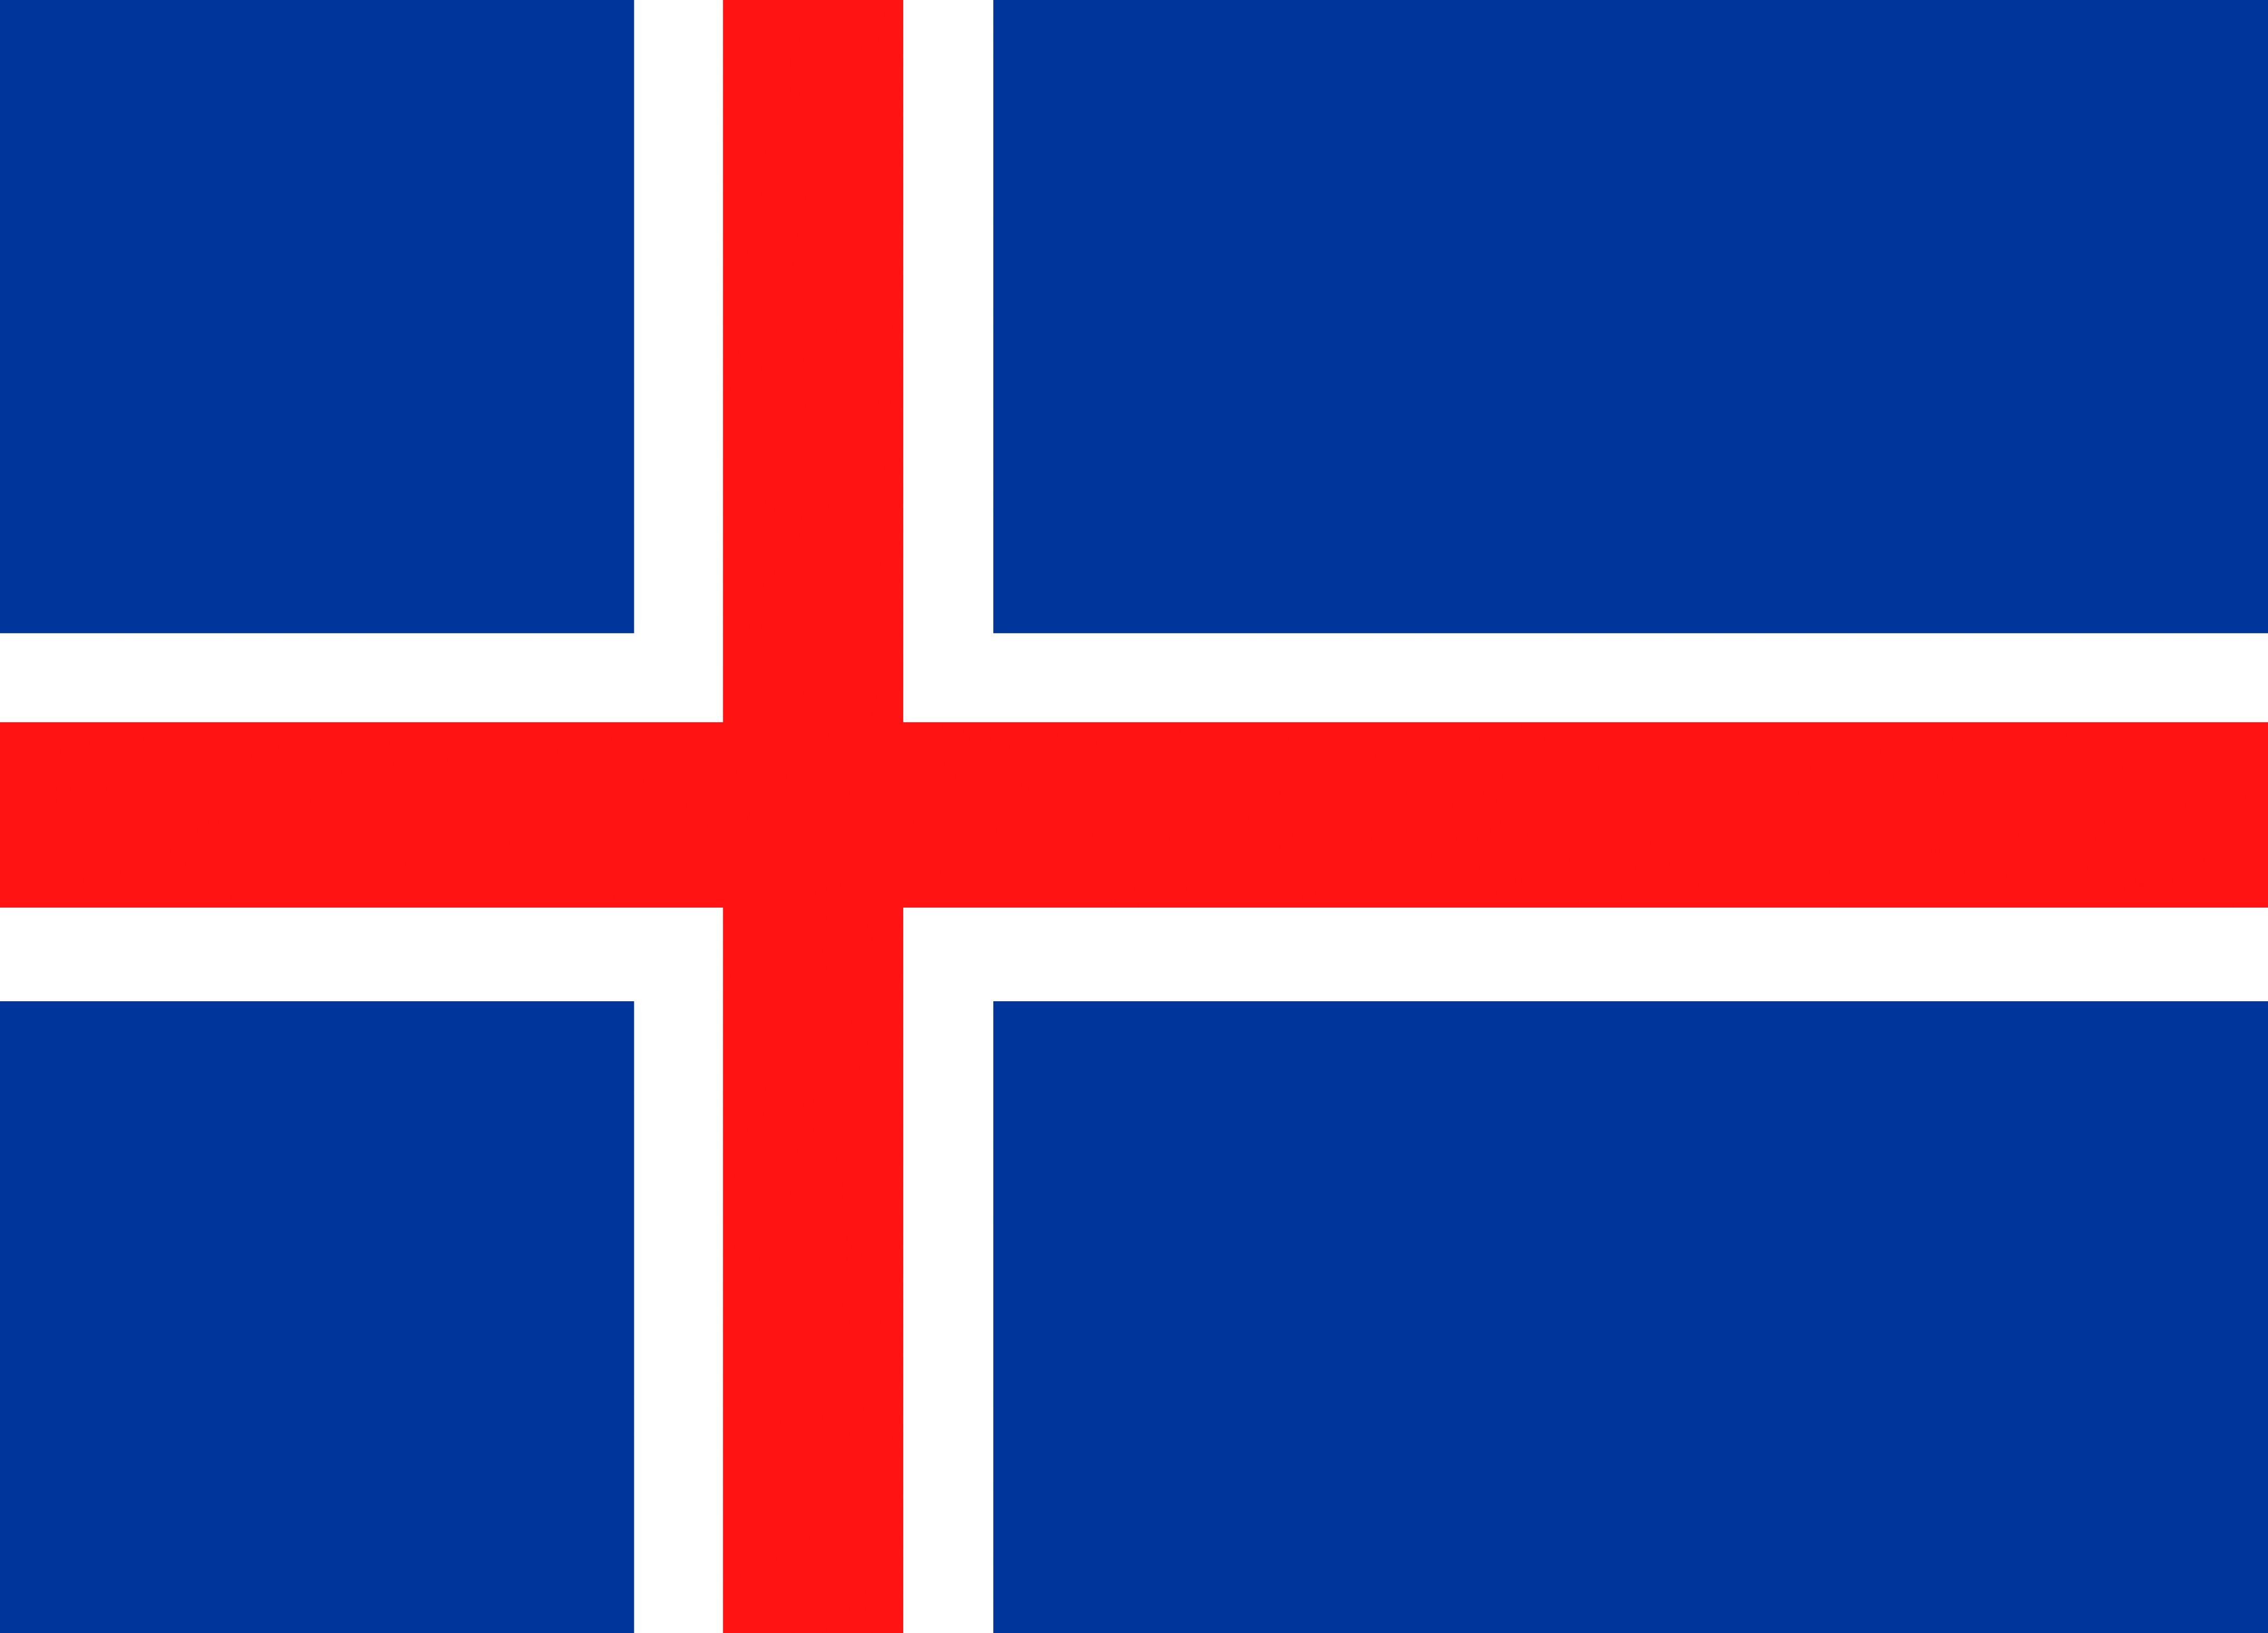 Risultato immagine per bandiera islanda